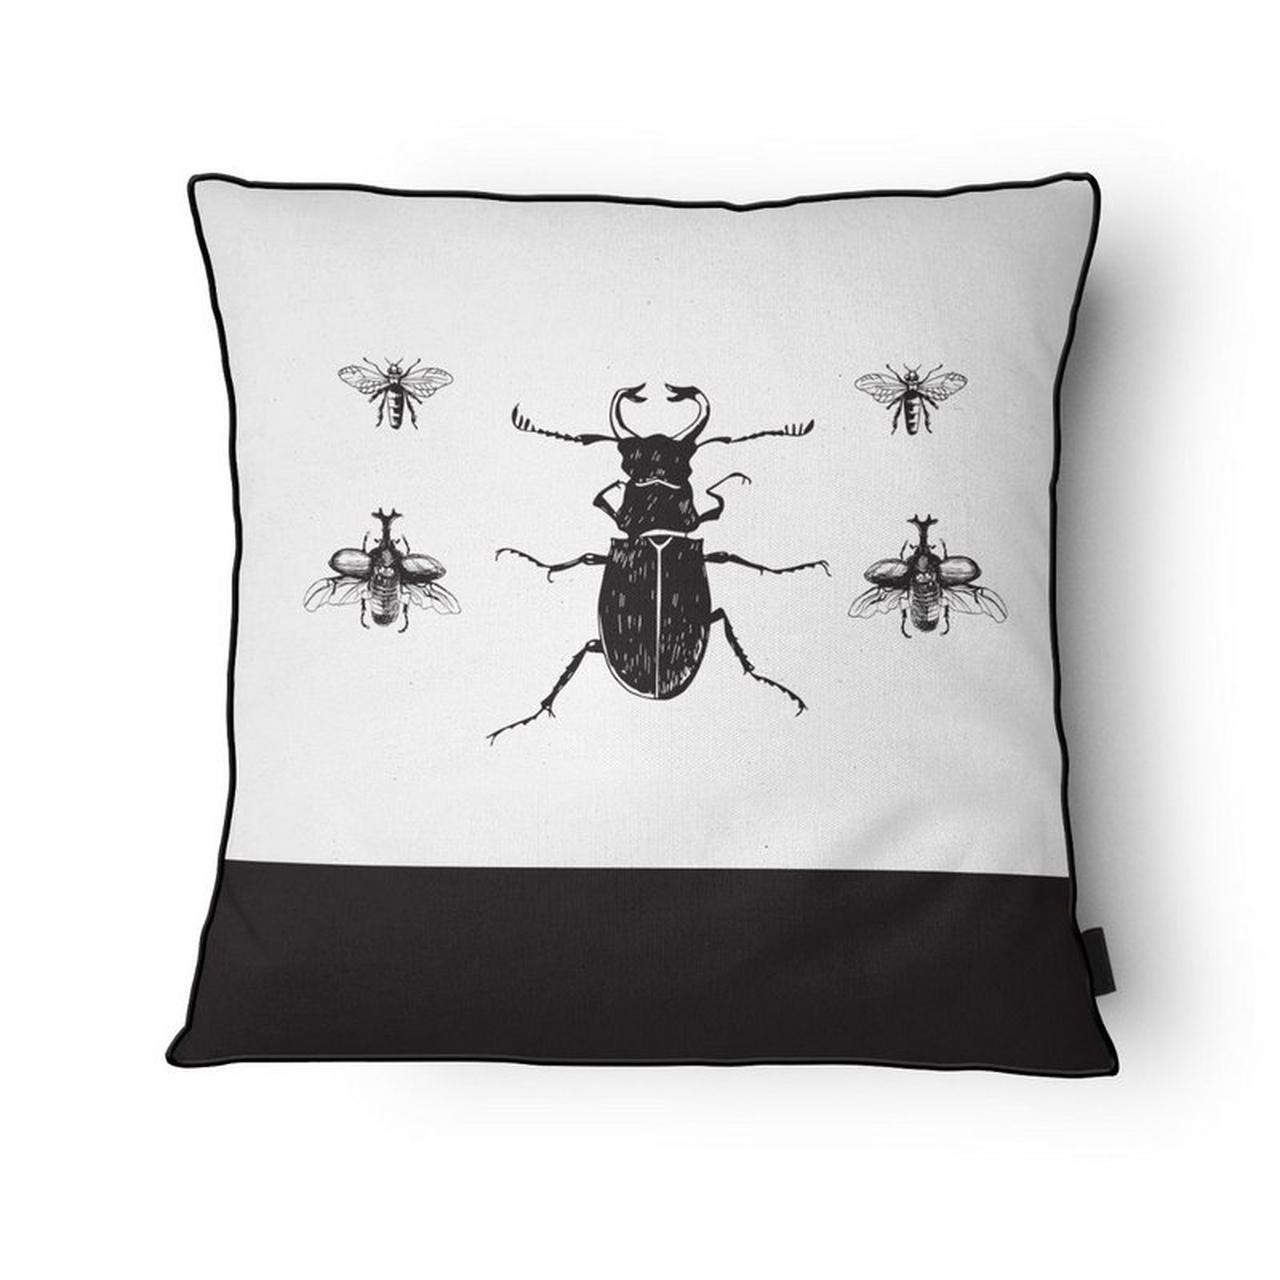 Capa Almofada Beetle  - CASACOBRE